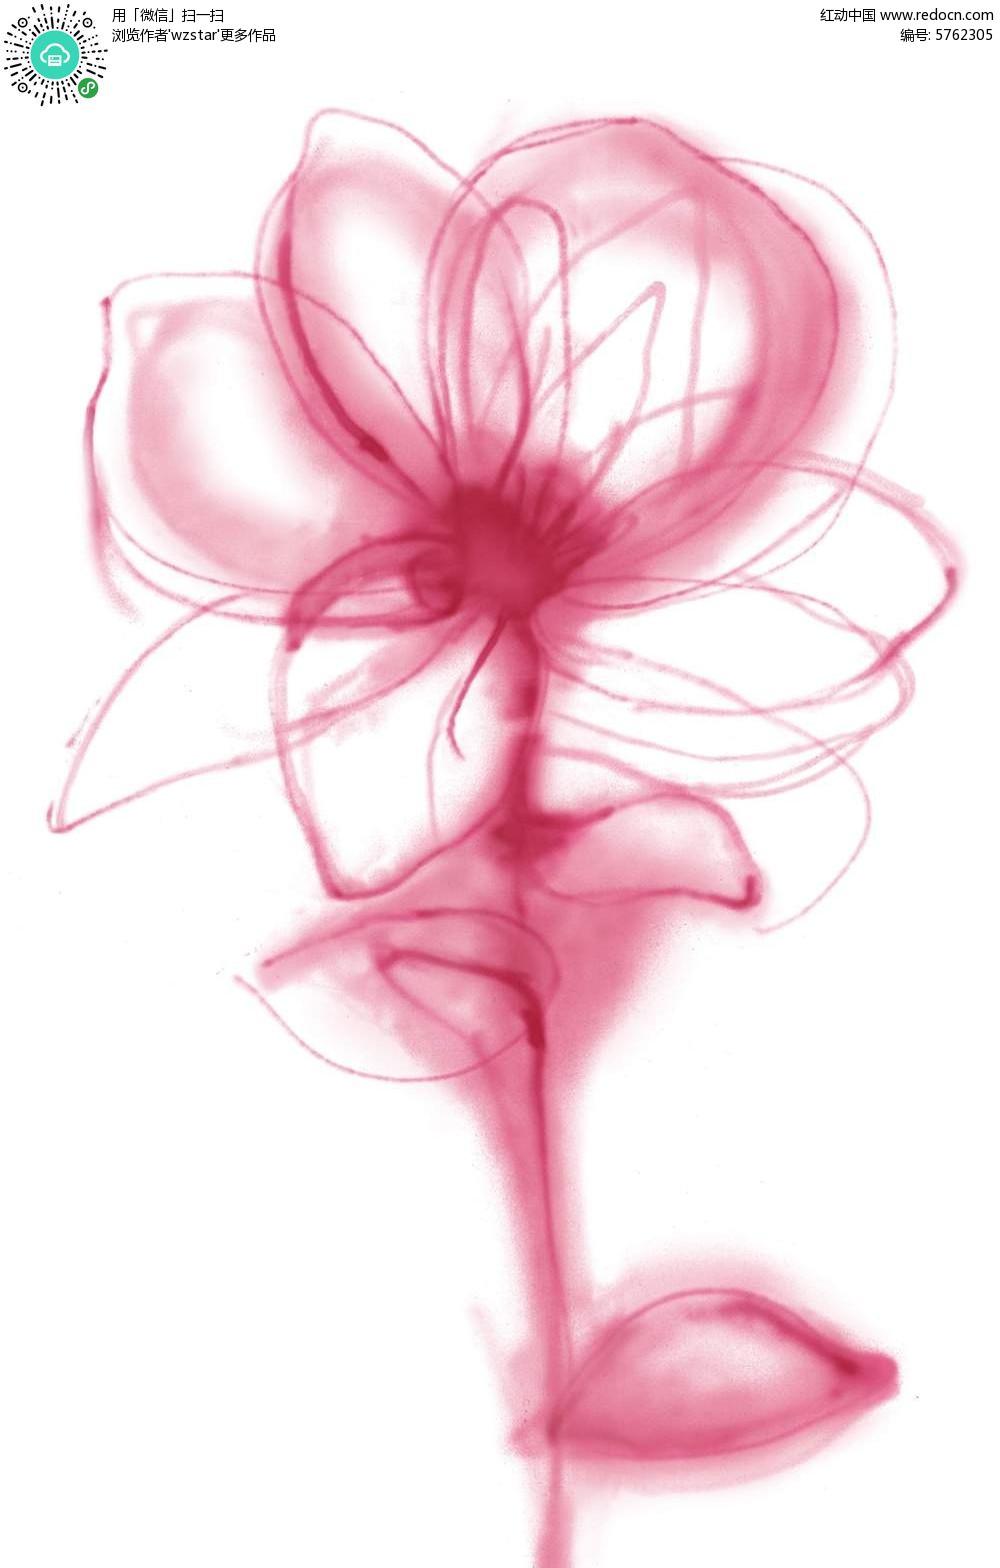 手绘涂鸦粉色抽象花朵psd素材免费下载_红动网